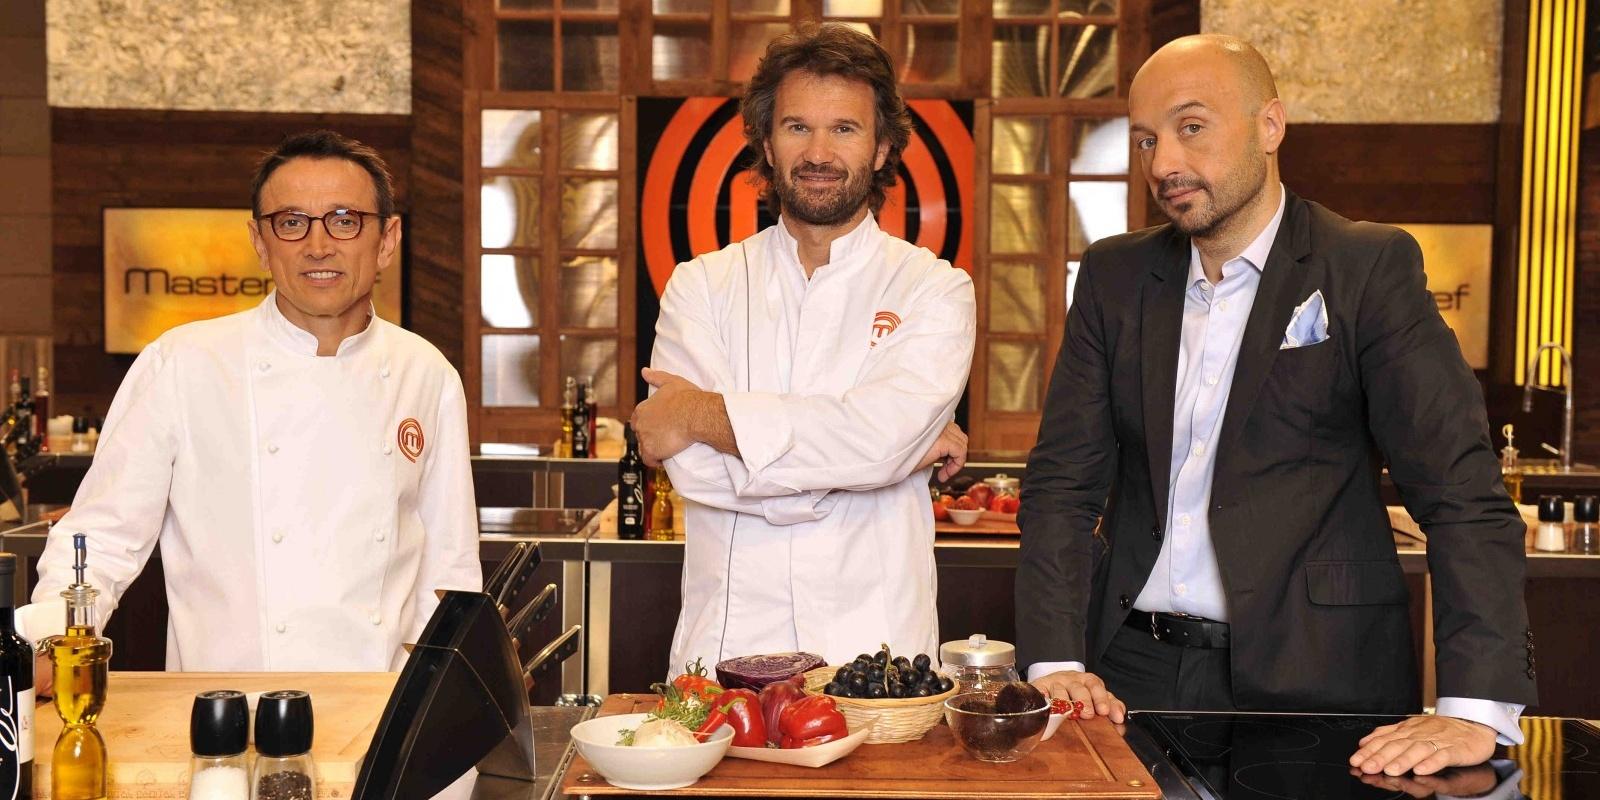 Disegno corsi di cucina a roma : migliori corsi di cucina a Roma per diventare chef o farsi belli ...